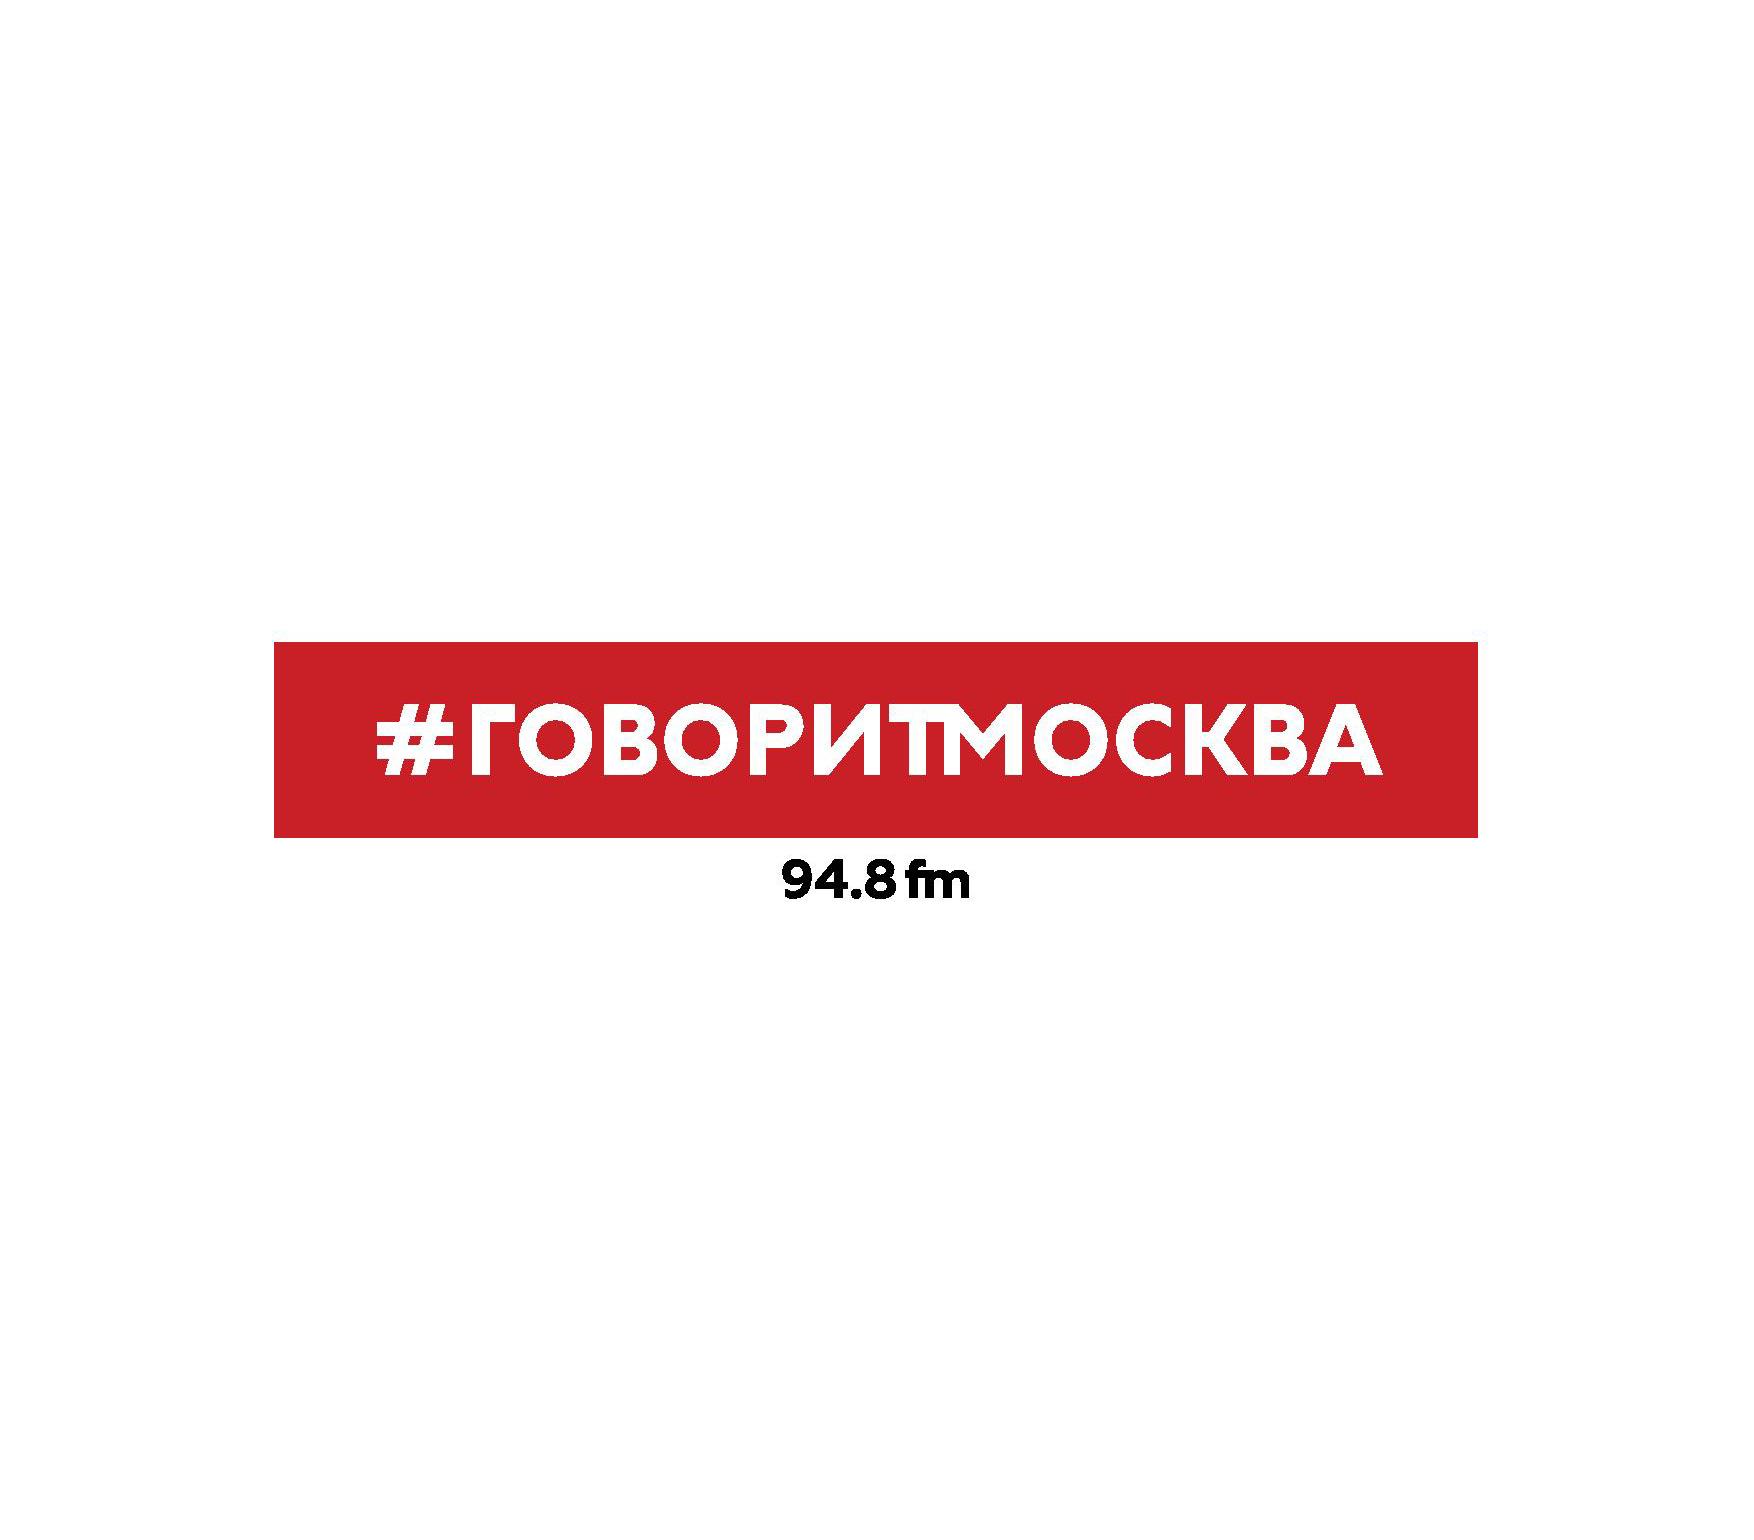 Сергей Береговой Убийство Александра Грибоедова сергей моисеев непредумышленное убийство киносценарий